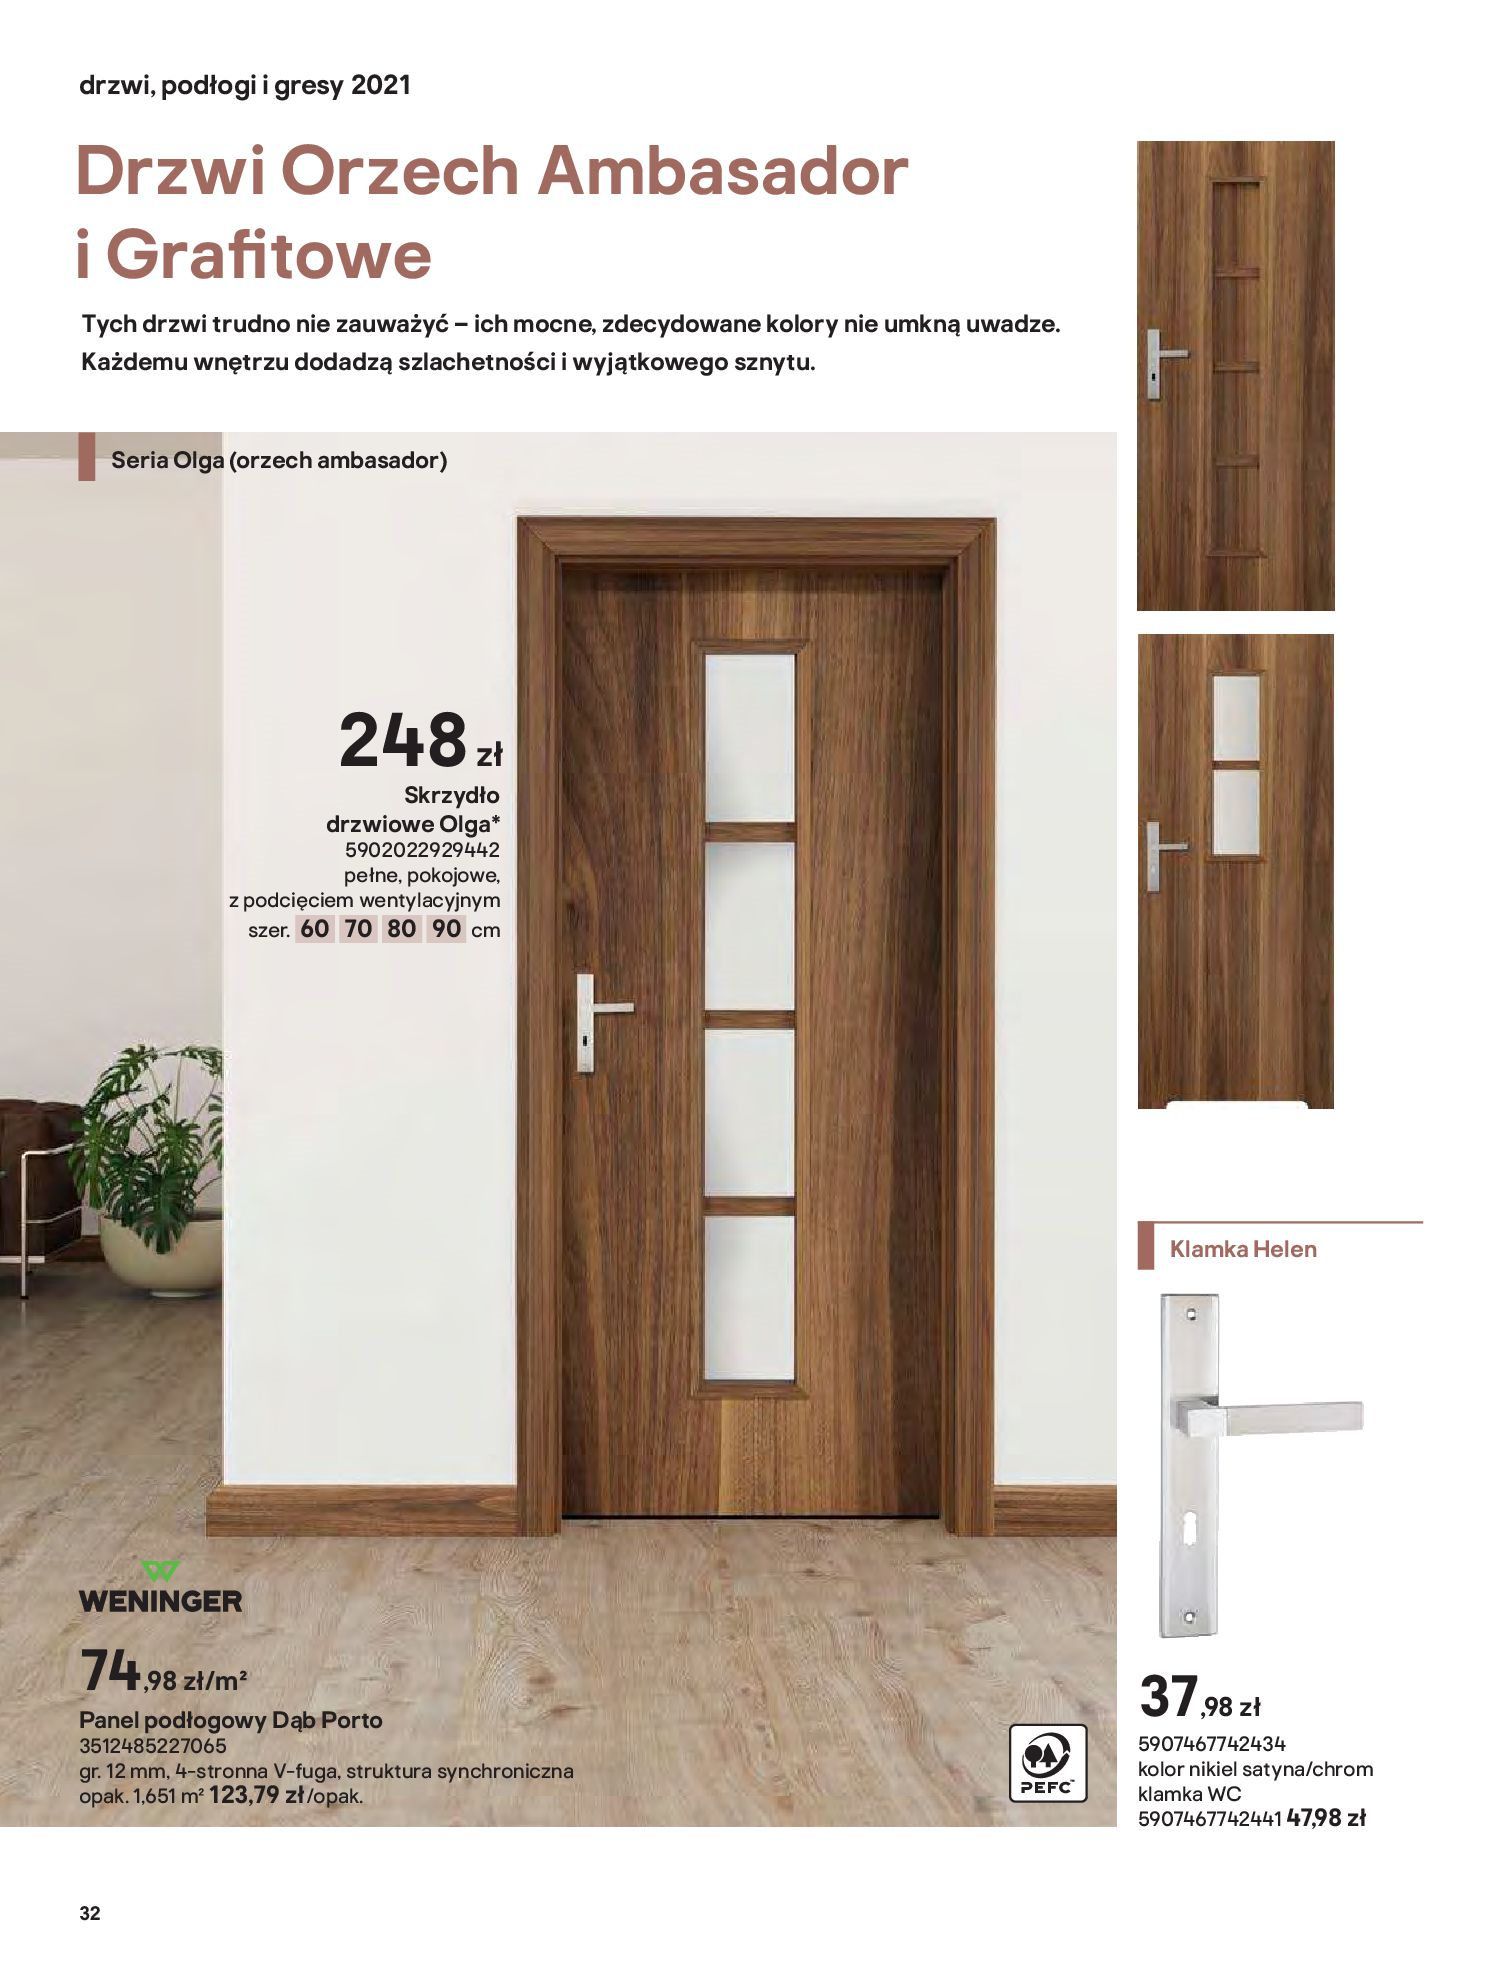 Gazetka Castorama: Gazetka Castorama - Przewodnik drzwi i podłogi 2021 2021-08-11 page-32